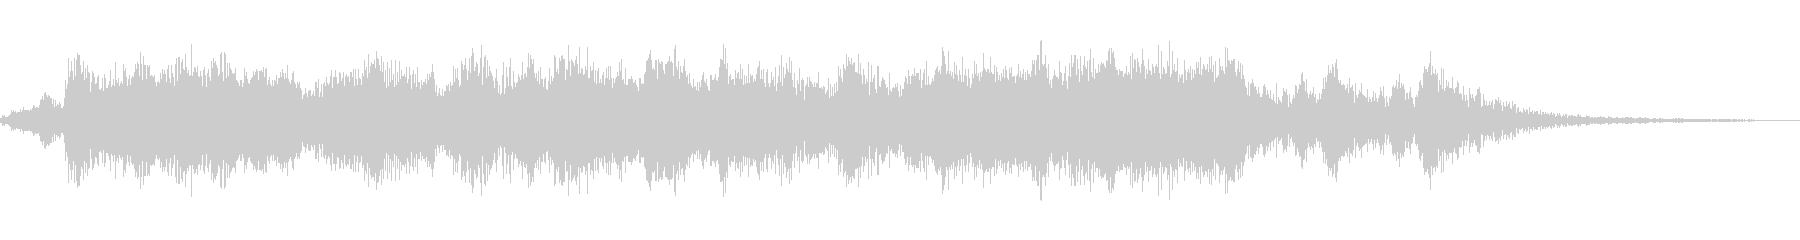 明るく軽快なオーケストラファンファーレの未再生の波形